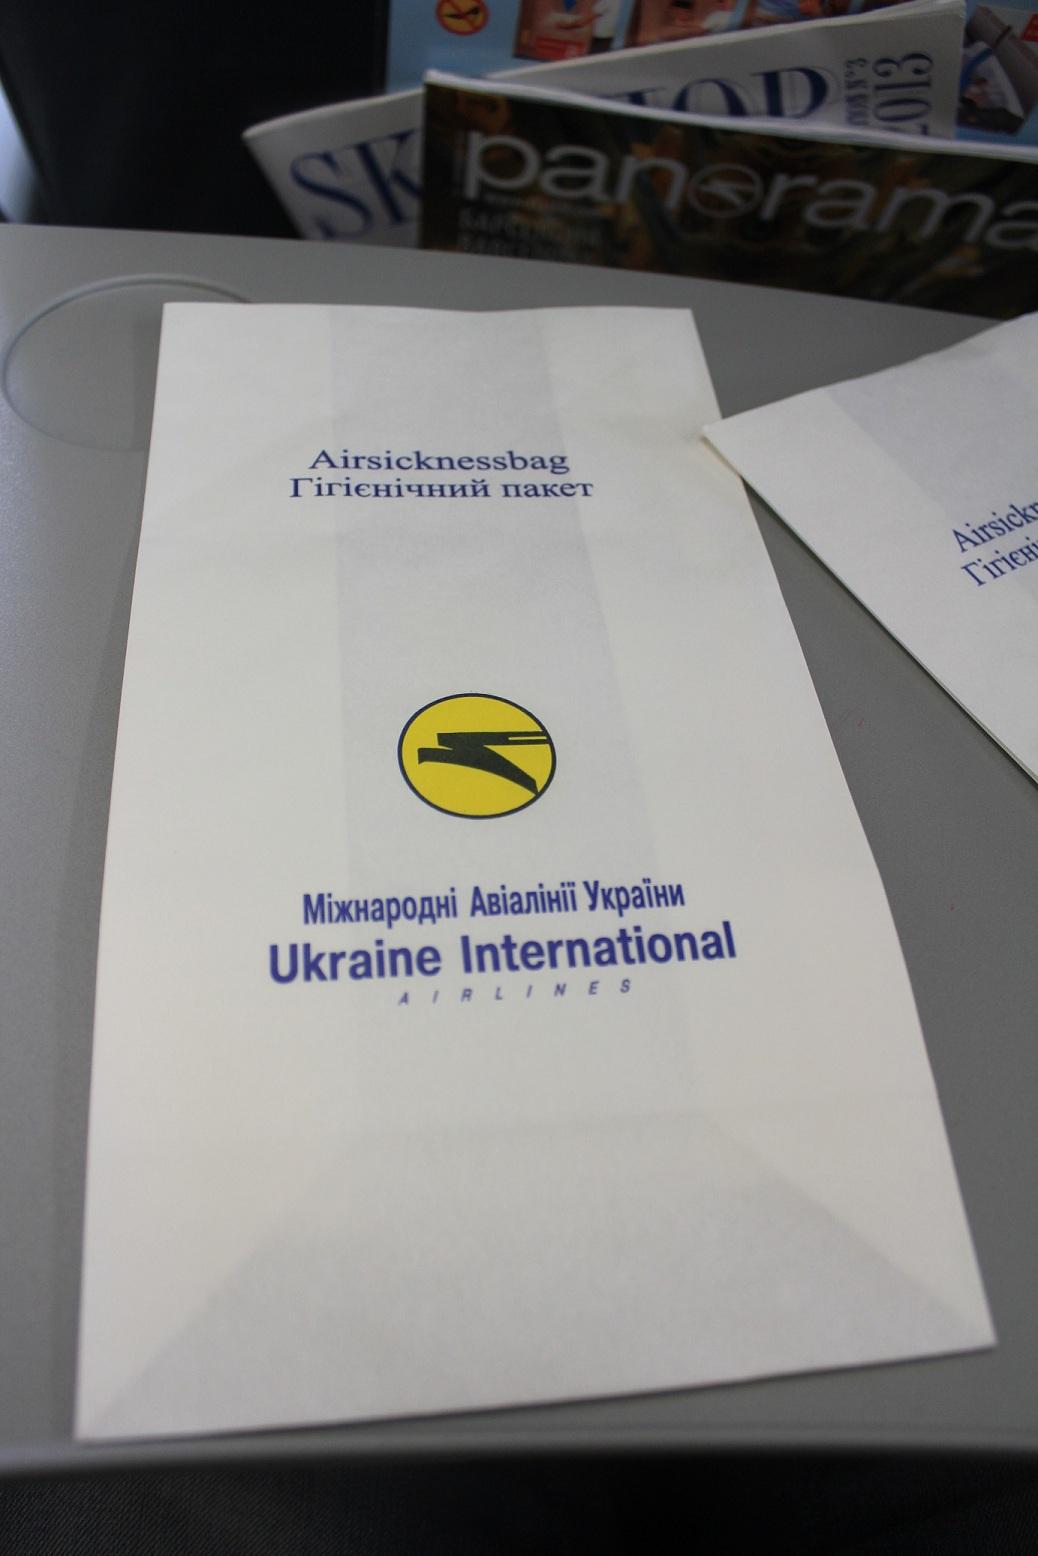 Журнал для пассажиров Международных авиалиний Украины